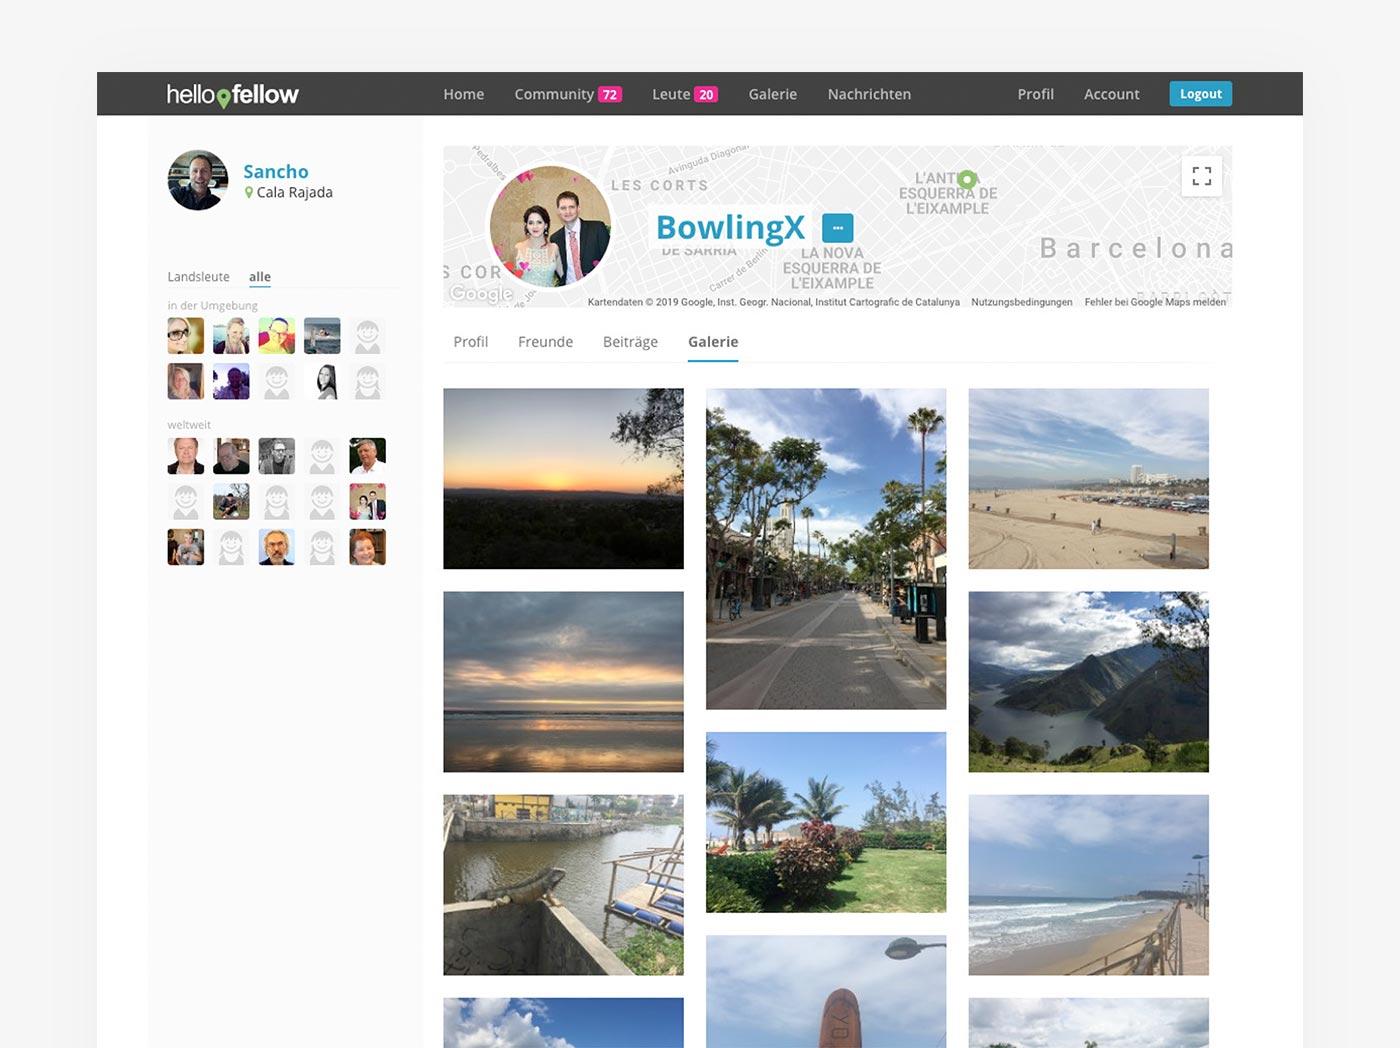 Profil Bildergalerie